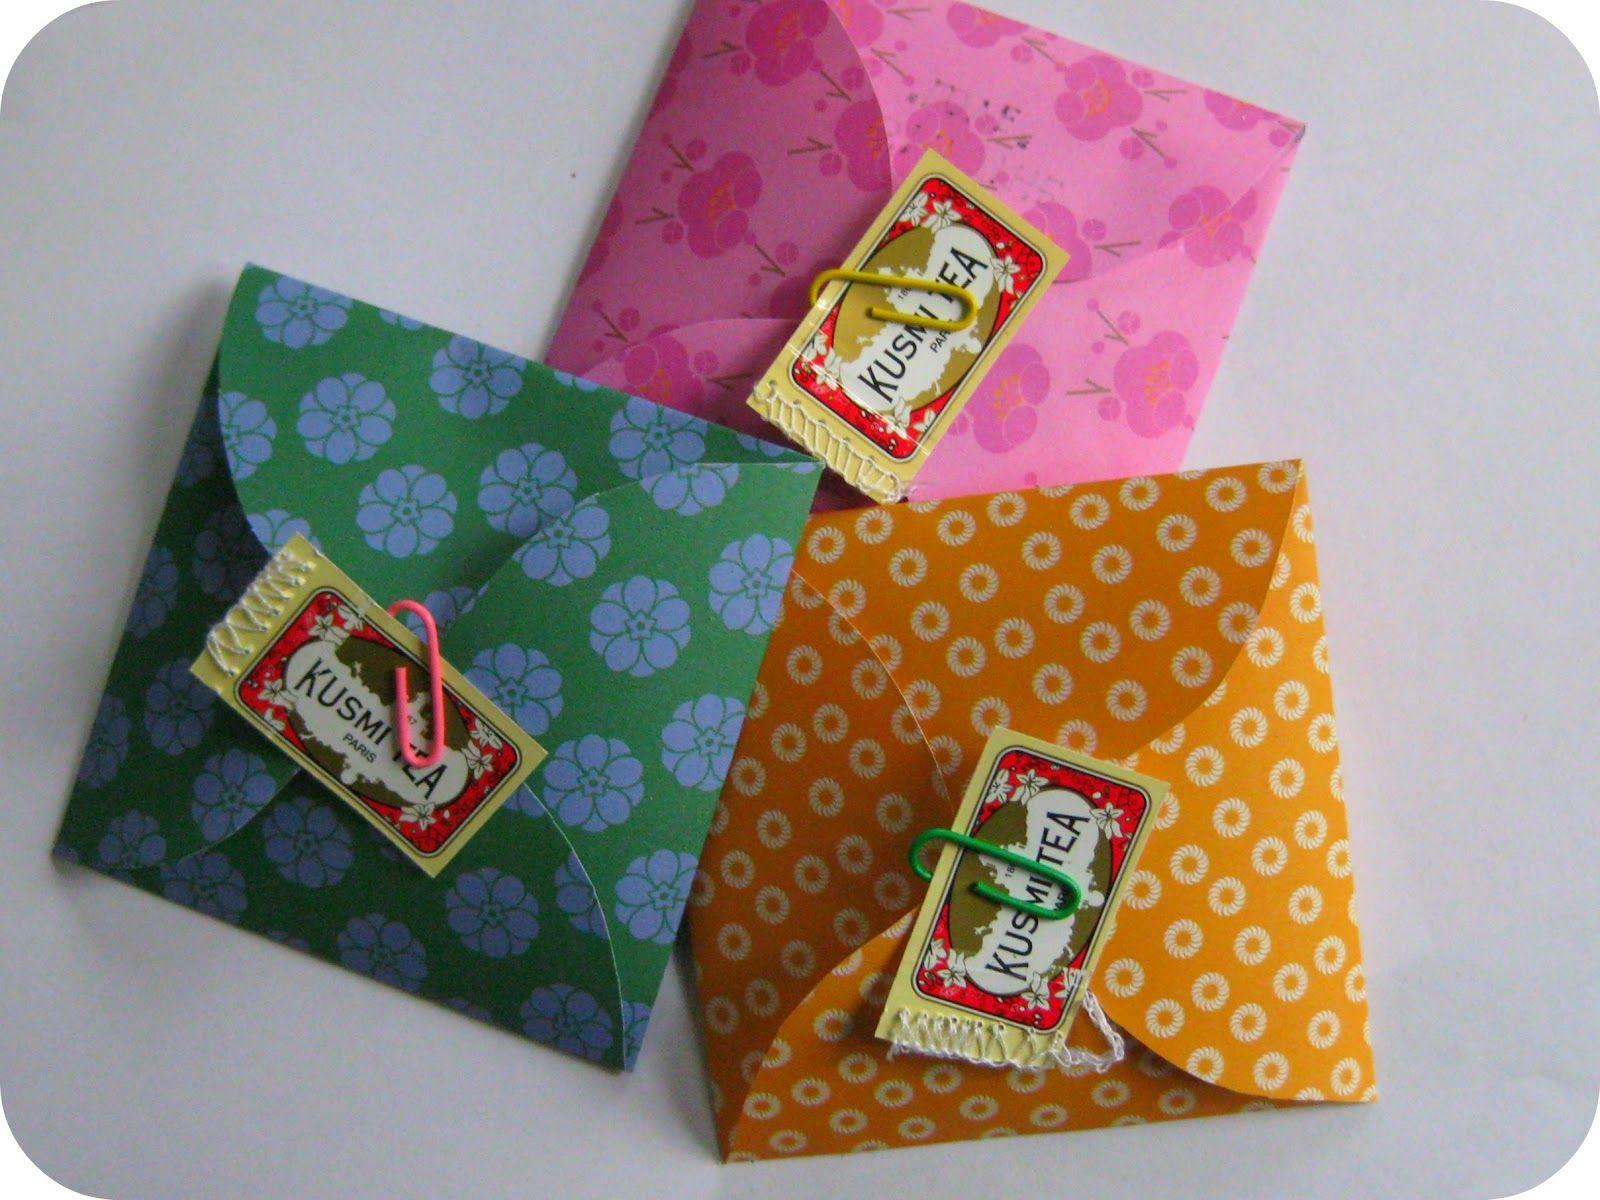 DIY se her hvordan: Fold et The-brev